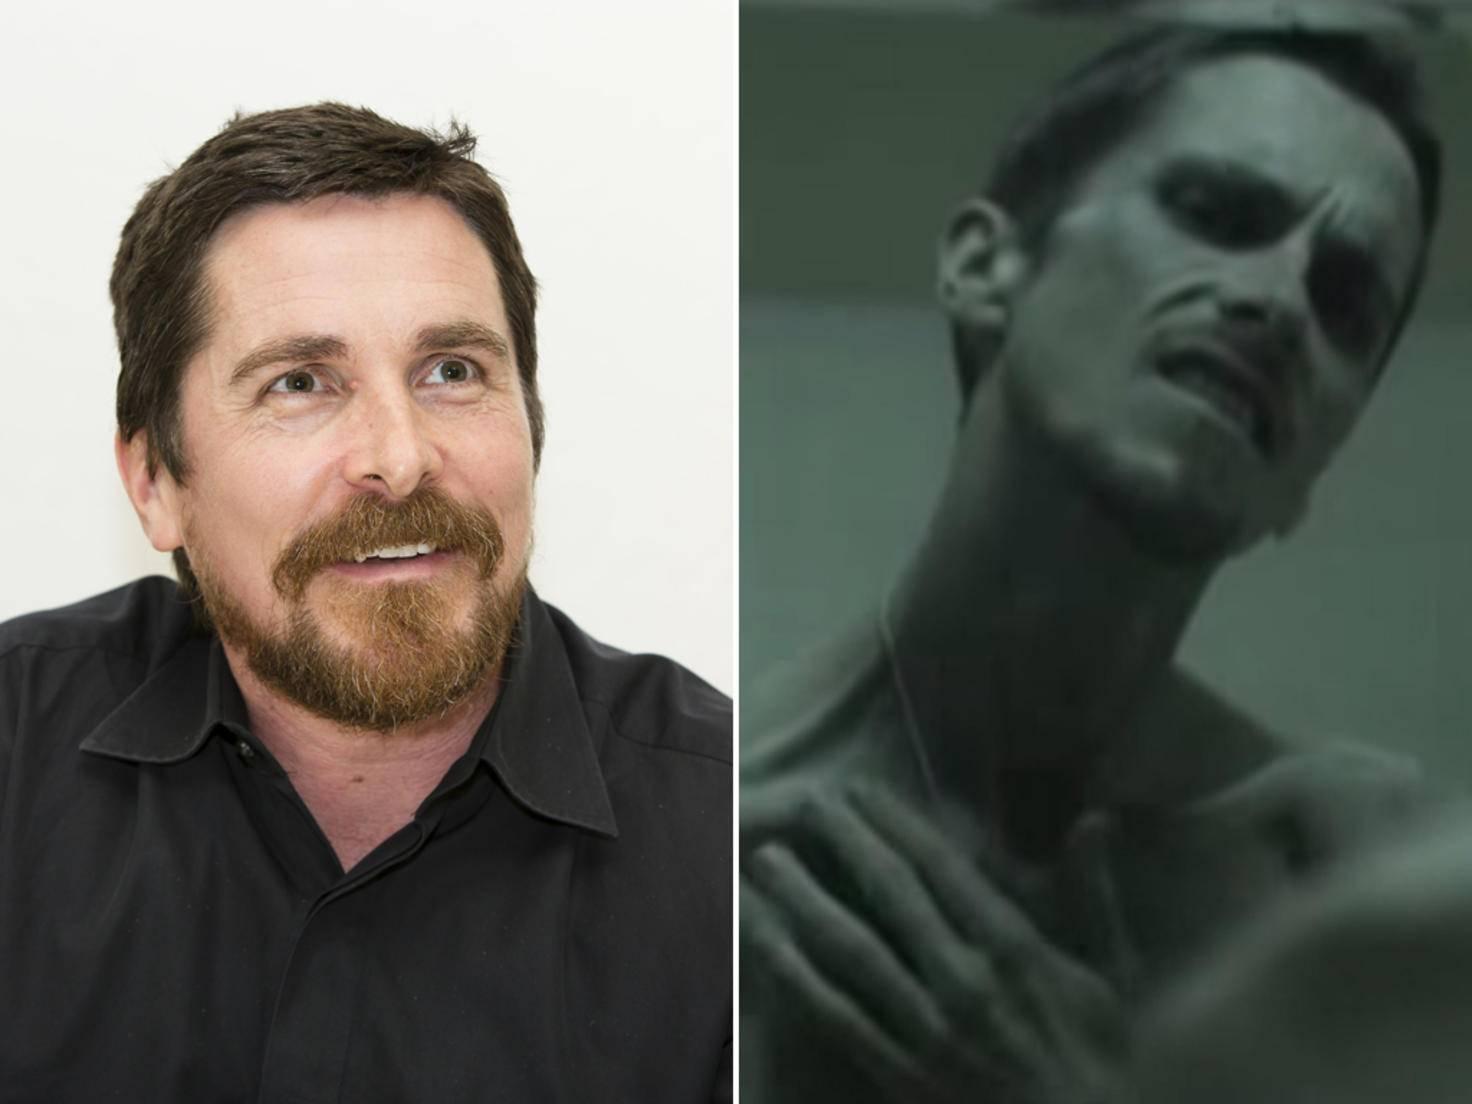 """Um für """"Der Maschinist"""" abzumagern, aß Christian Bale so gut wie nichts mehr."""